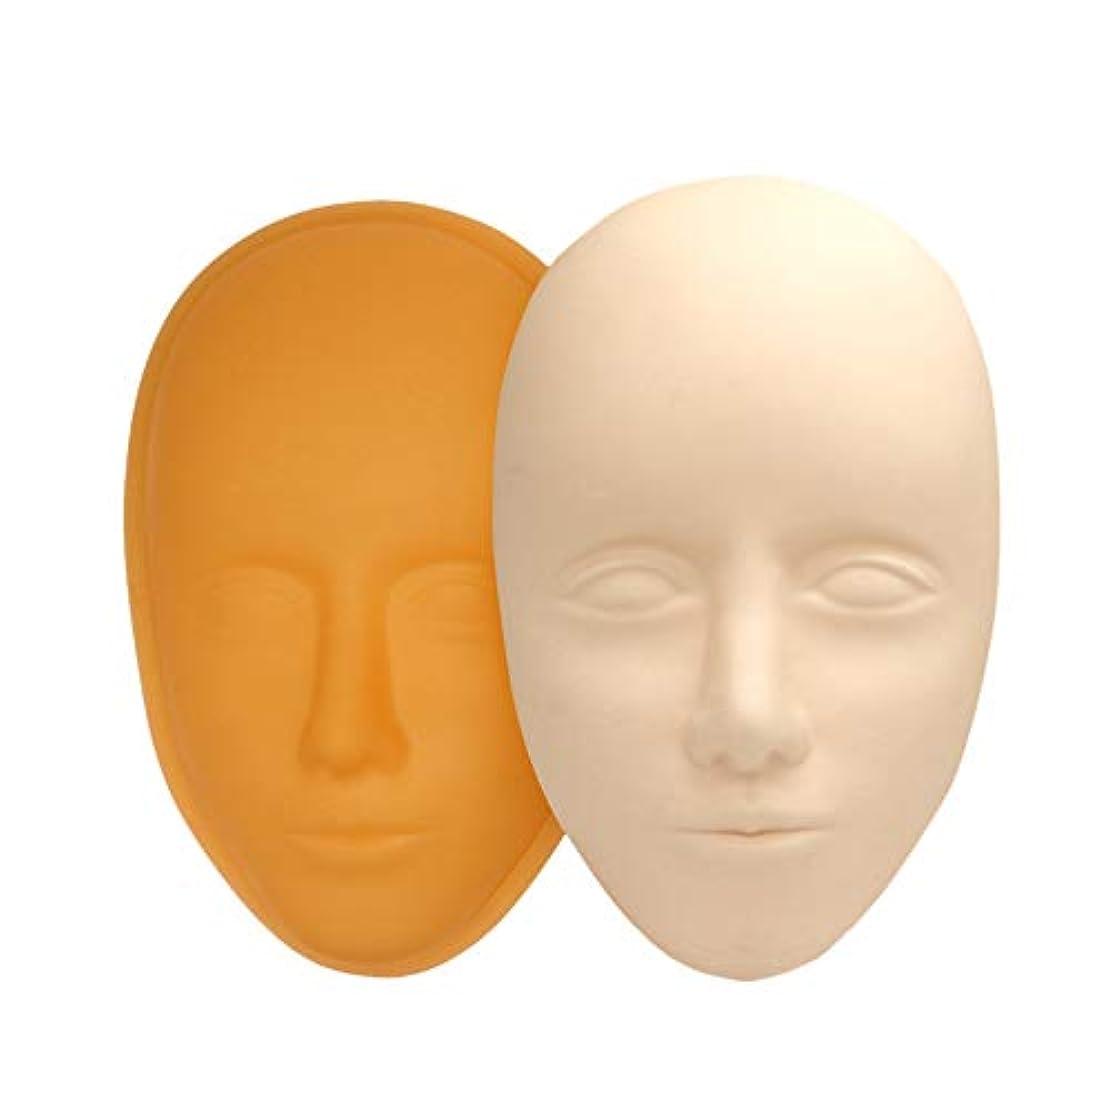 偽造バイオリニスト電気陽性SODIAL 5D フェイシャル トレーニングのヘッド シリコン 練習用パーマネント化粧リップとアイブローのスキン マネキン人形 フェイス ヘッド